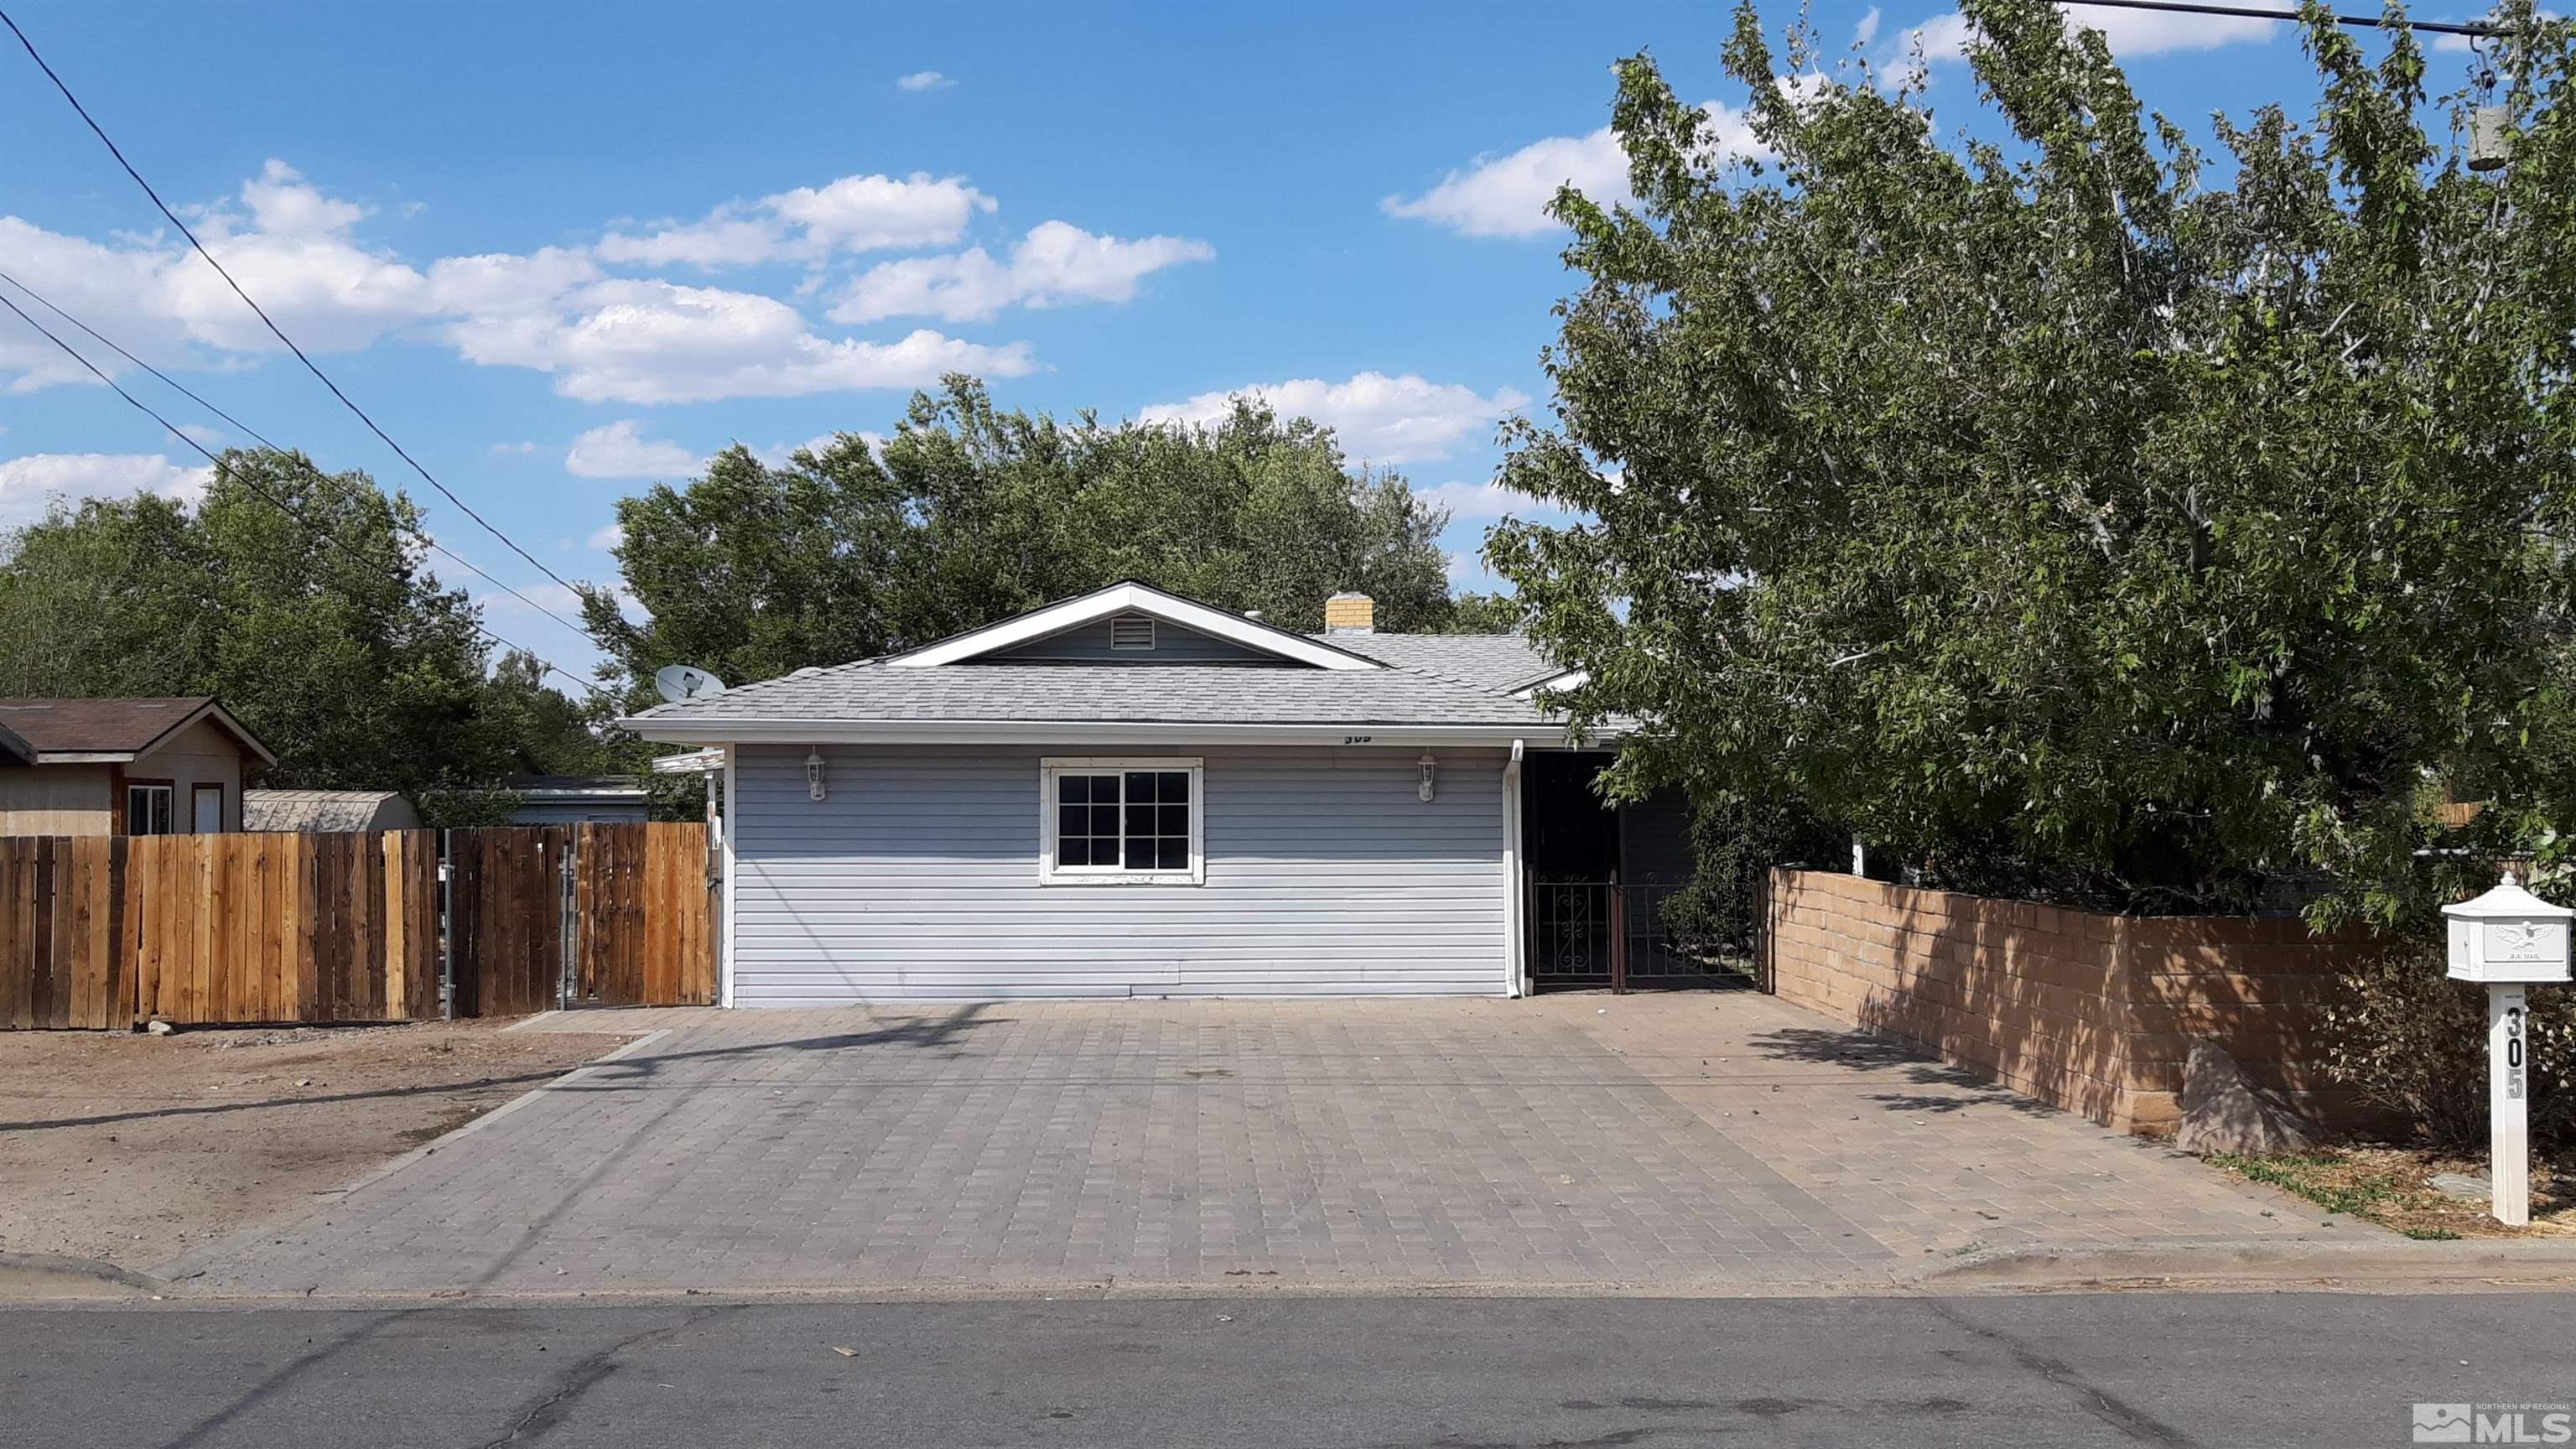 Image for 305 Coretta Way, Reno, NV 89506